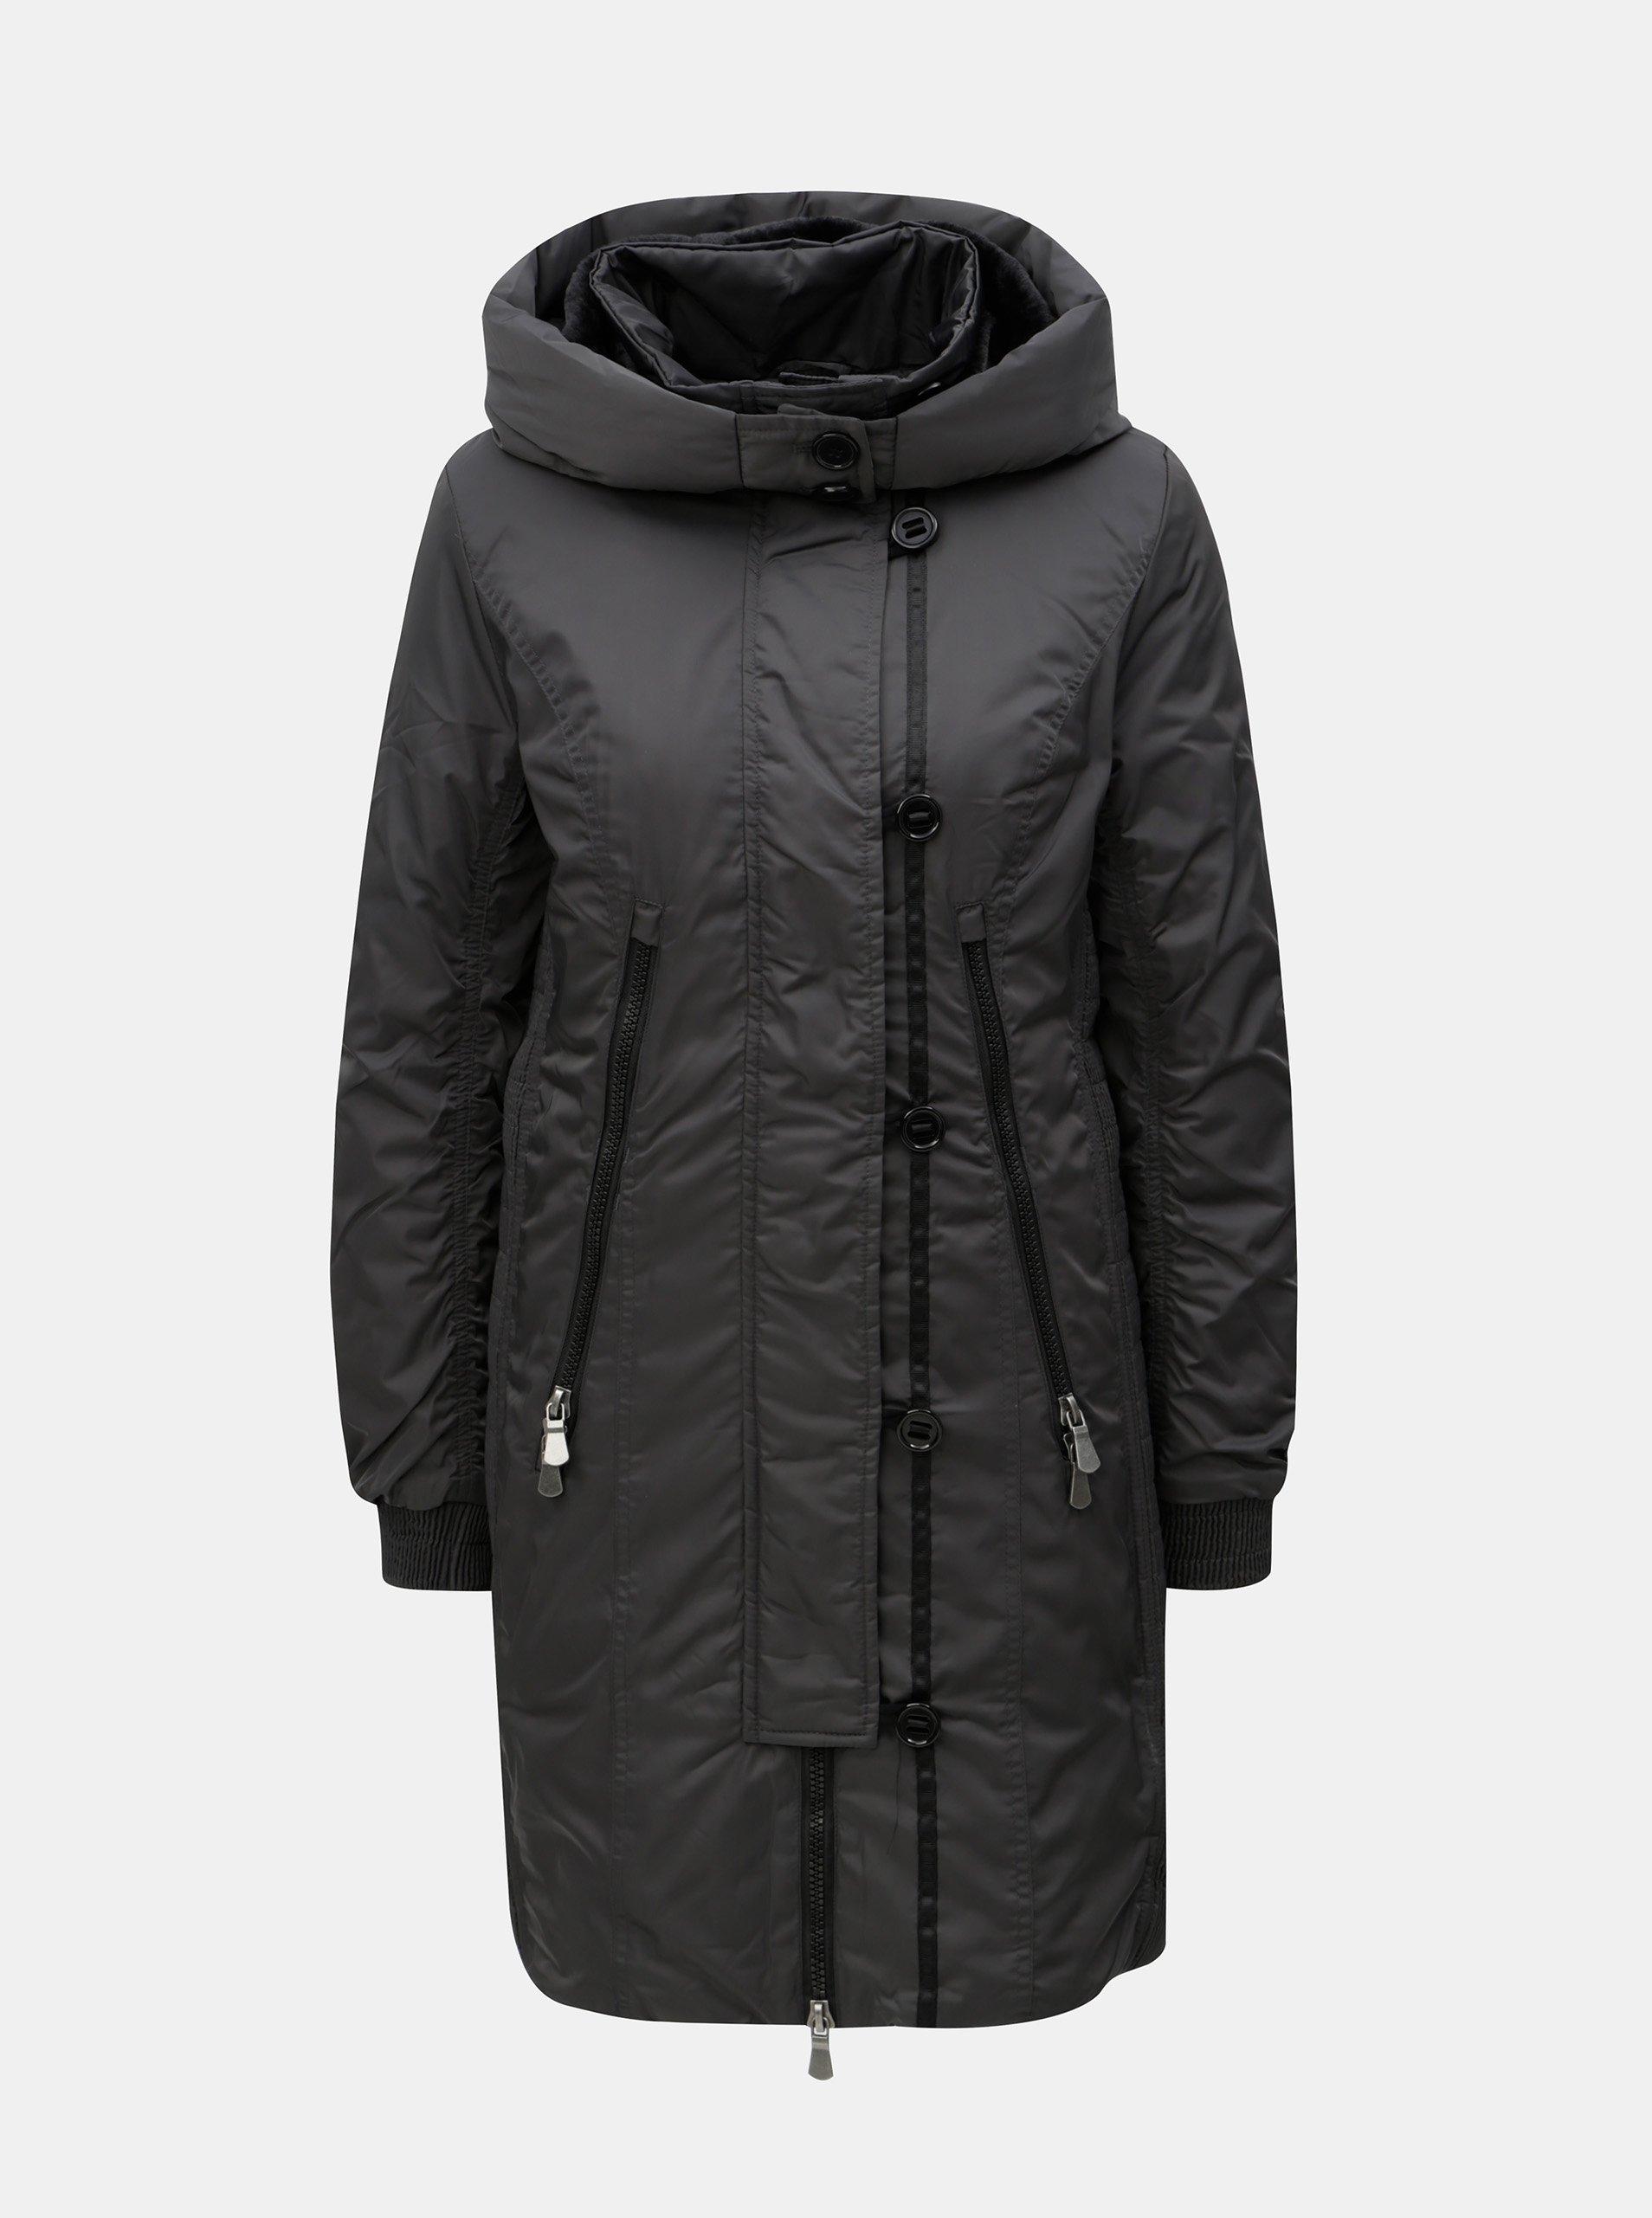 Tmavě šedý zimní kabát s umělým kožíškem Yest